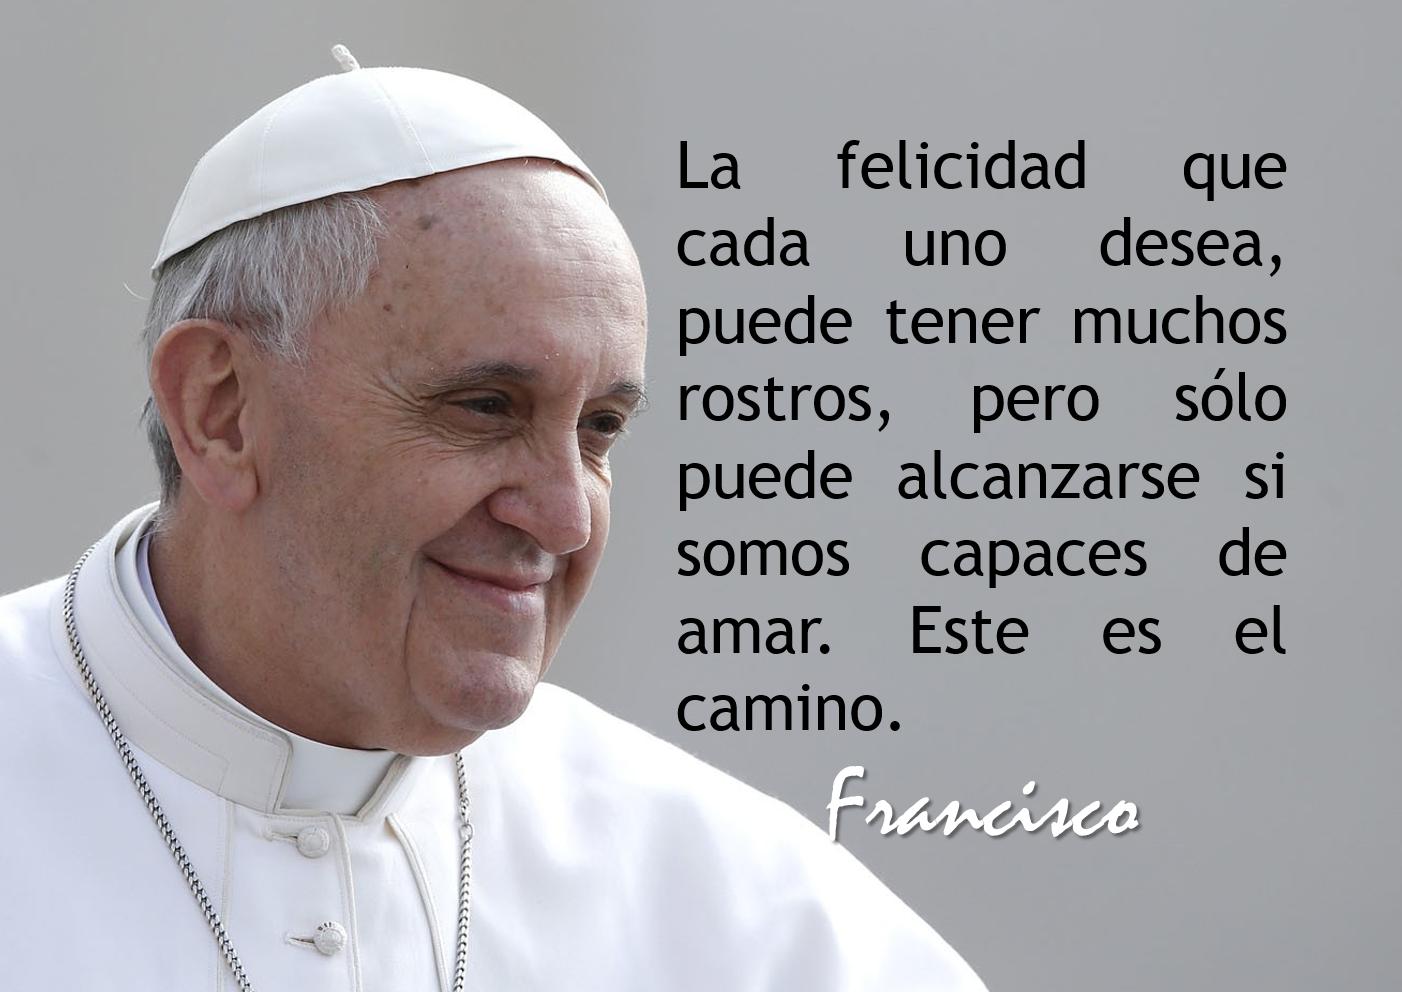 Mensaje del papa francisco sobre el amor [PUNIQRANDLINE-(au-dating-names.txt) 62